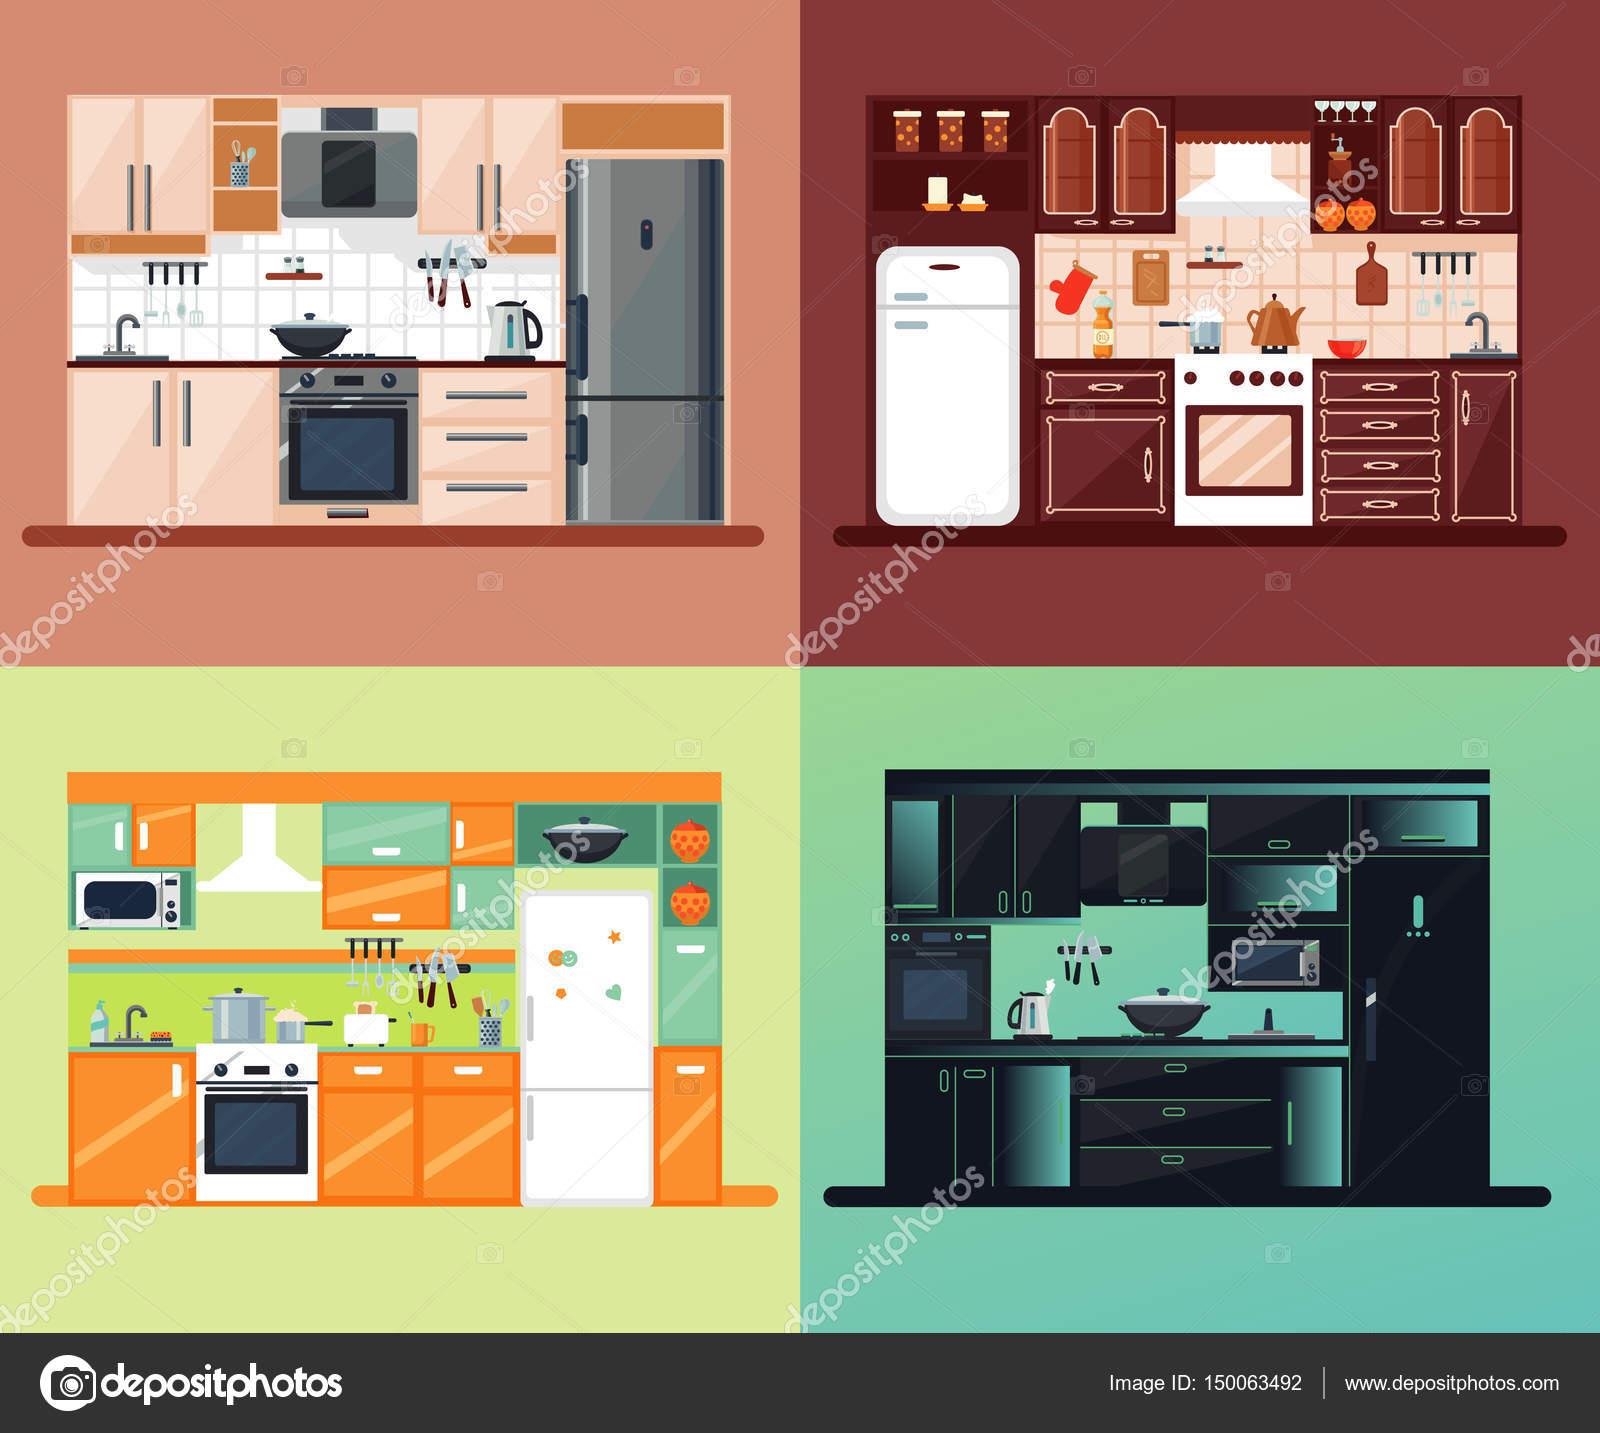 Küche Interieur Square Zusammensetzung — Stockvektor © Mogil #150063492